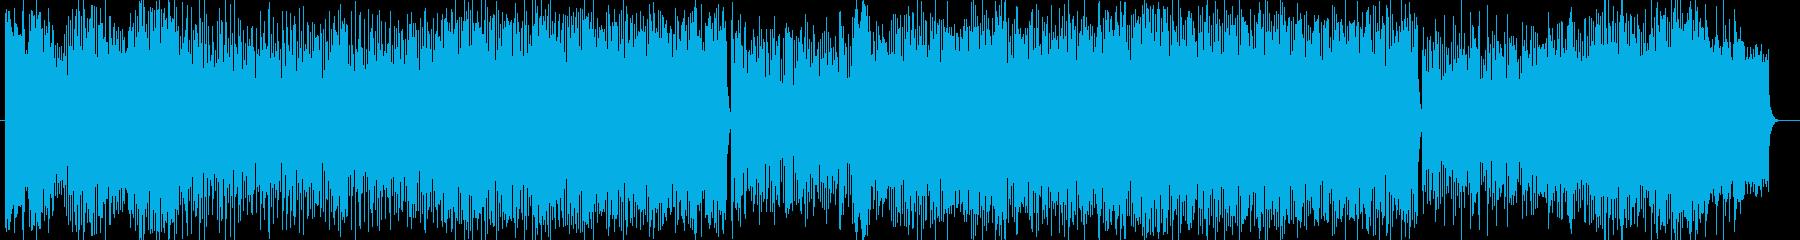 華やかなイントロのシンフォニックな曲の再生済みの波形